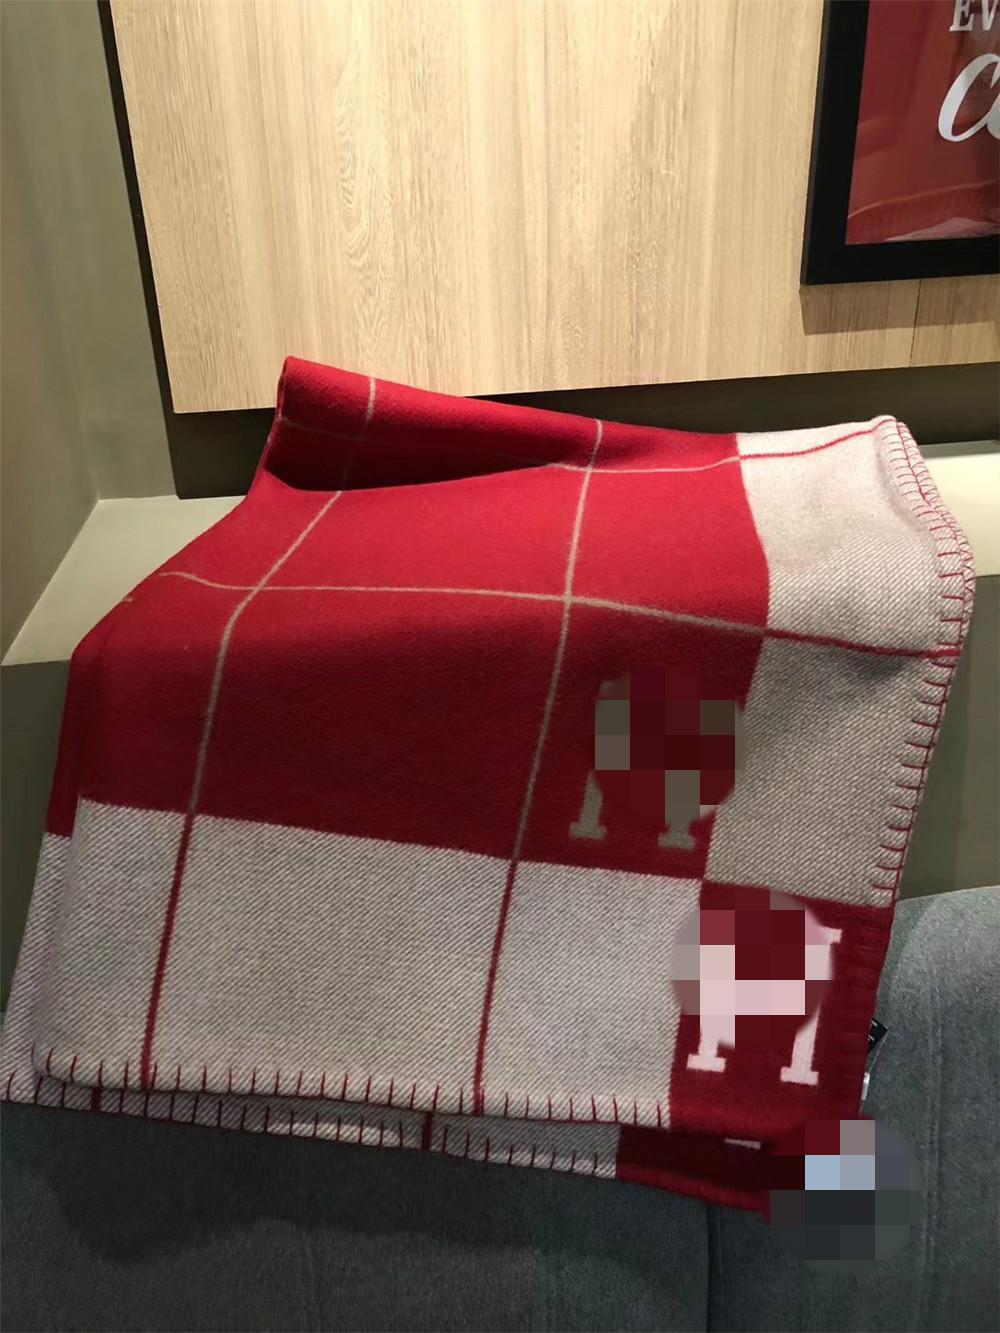 Nouveau design 90Wool Thicken H Couverture Red Stripe 5 couleurs Big Size Accueil Hiver Voyage Préchauffage couvertures de tous les jours 170 * 140cm __gVirt_NP_NN_NNPS<__ cadeau de Noël